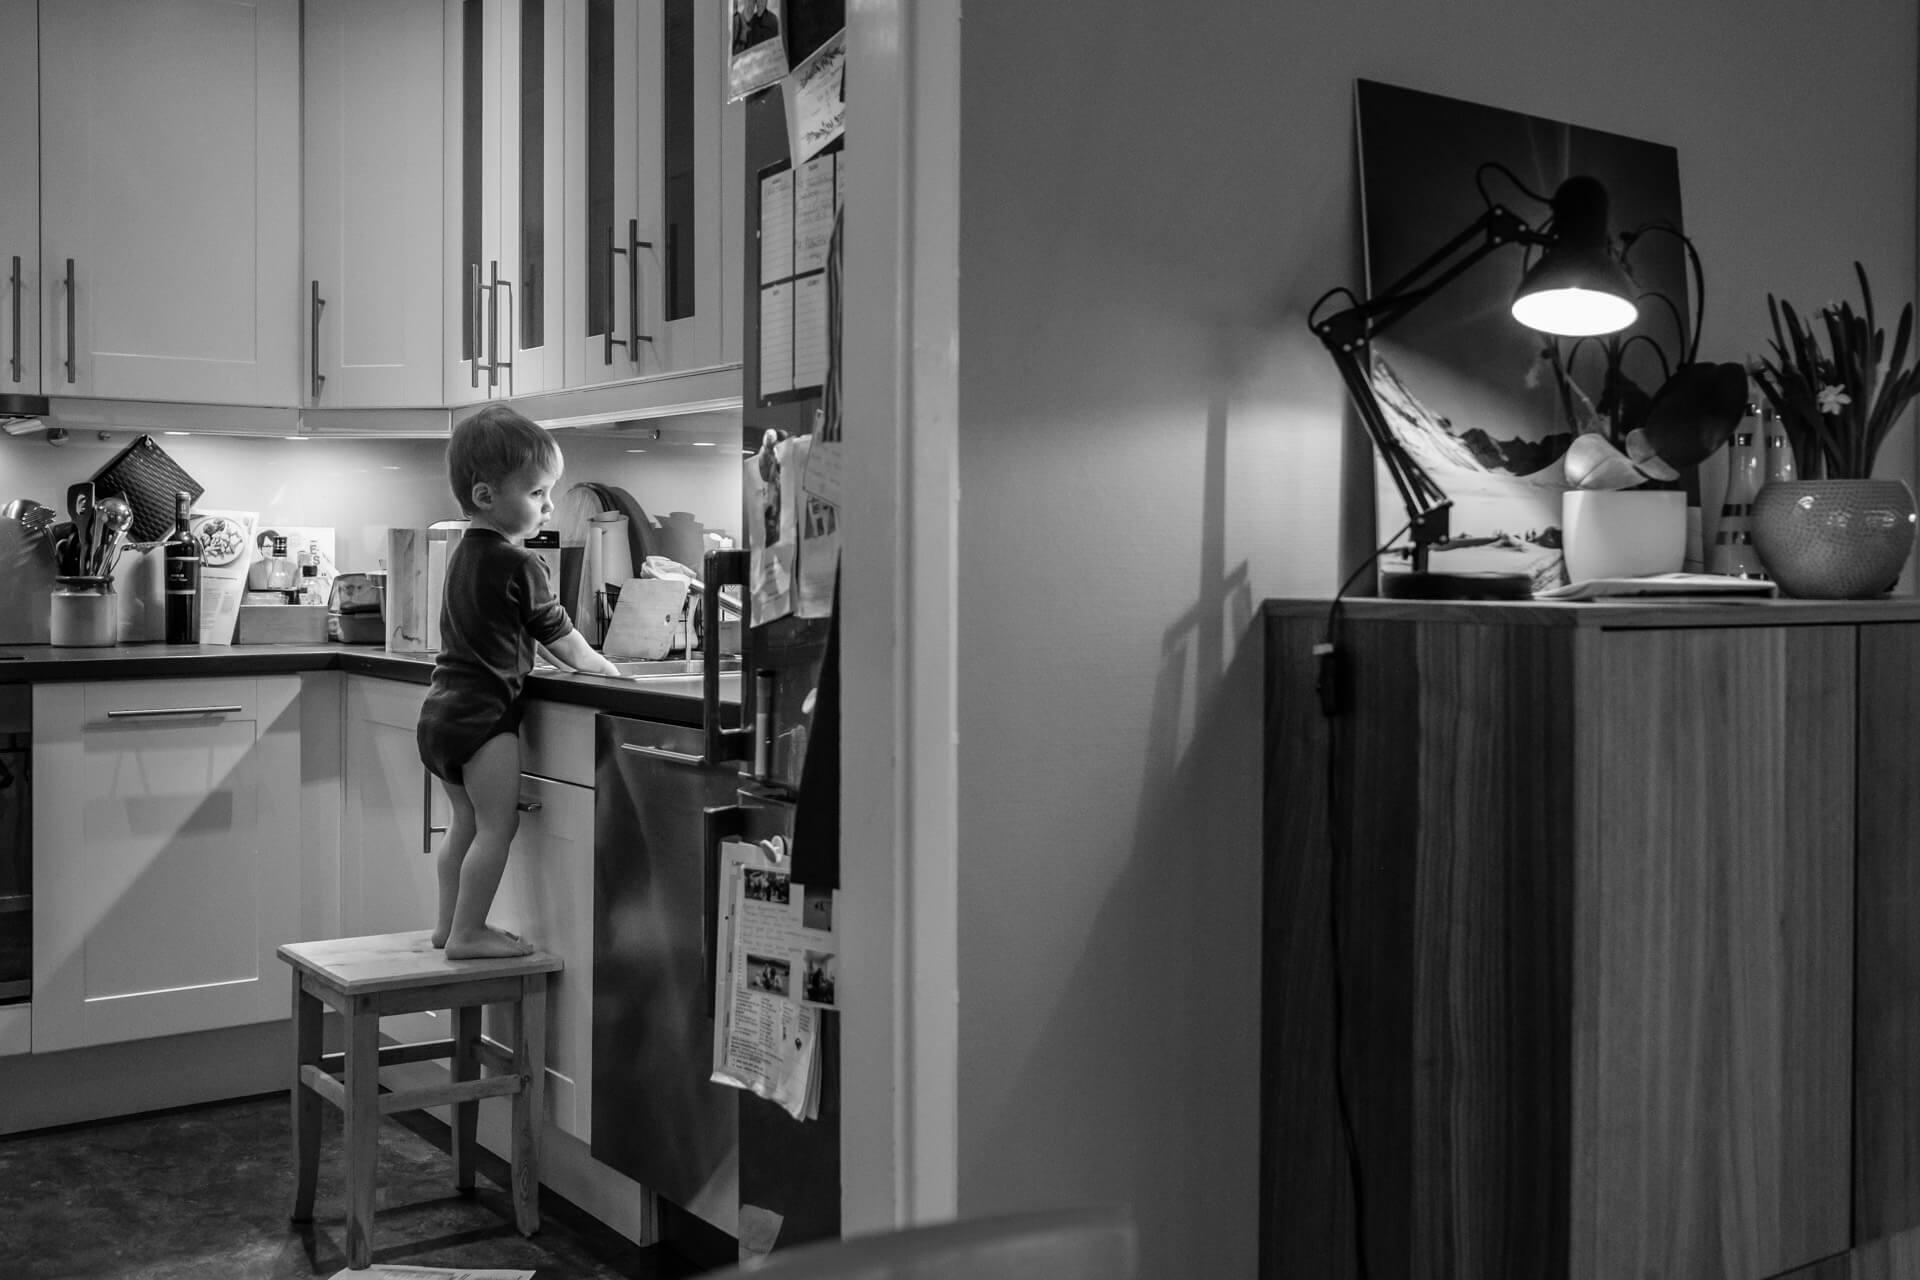 Liten gutt står oppå en krakk ved kjøkkenbenken. Det ser ut som han er helt alene, og han ser tenksom ut.